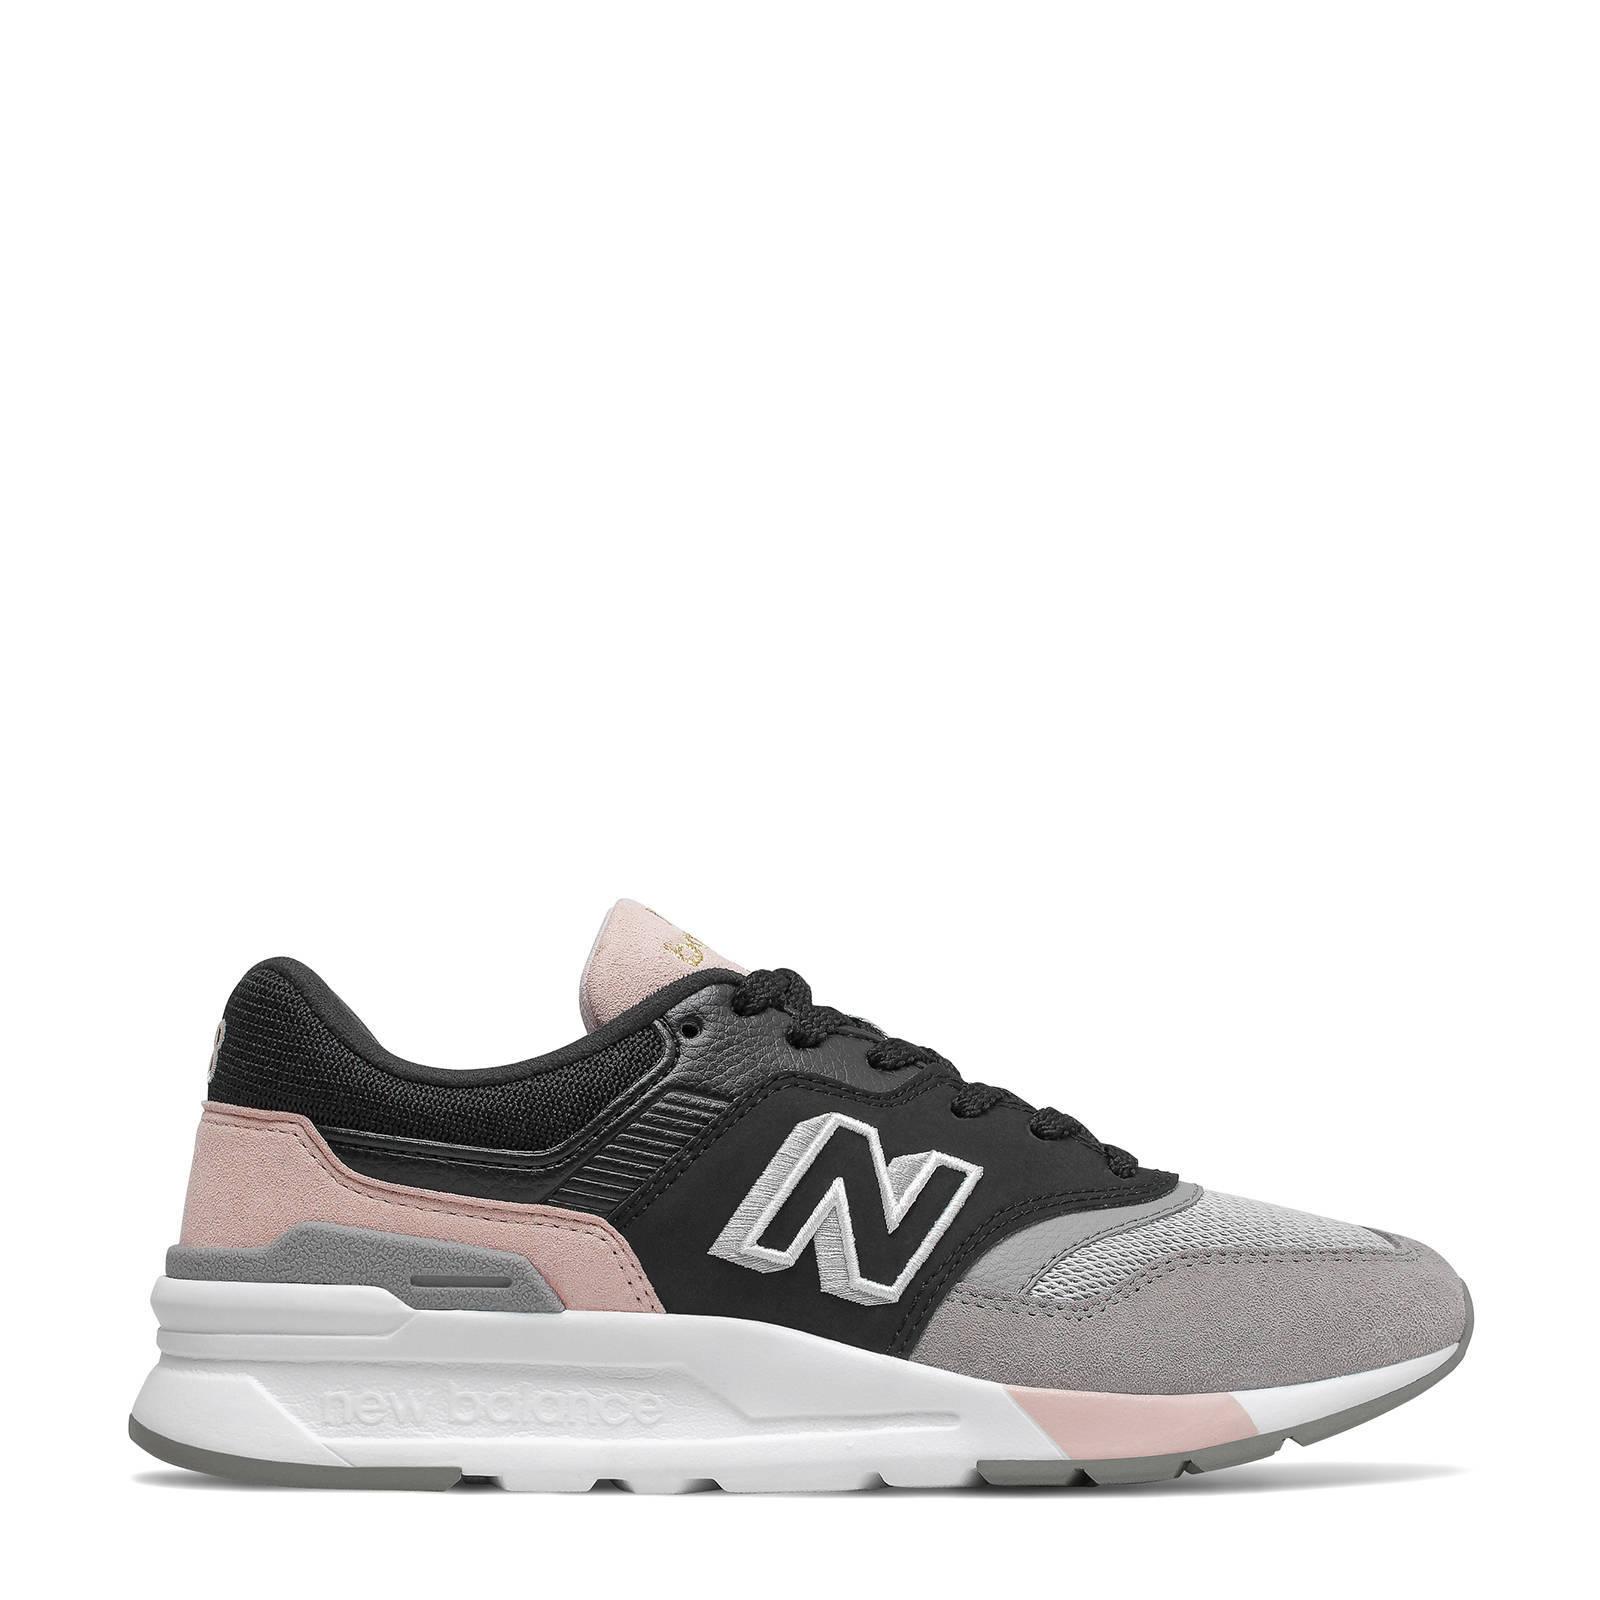 997H sneakers zwart/grijs/roze